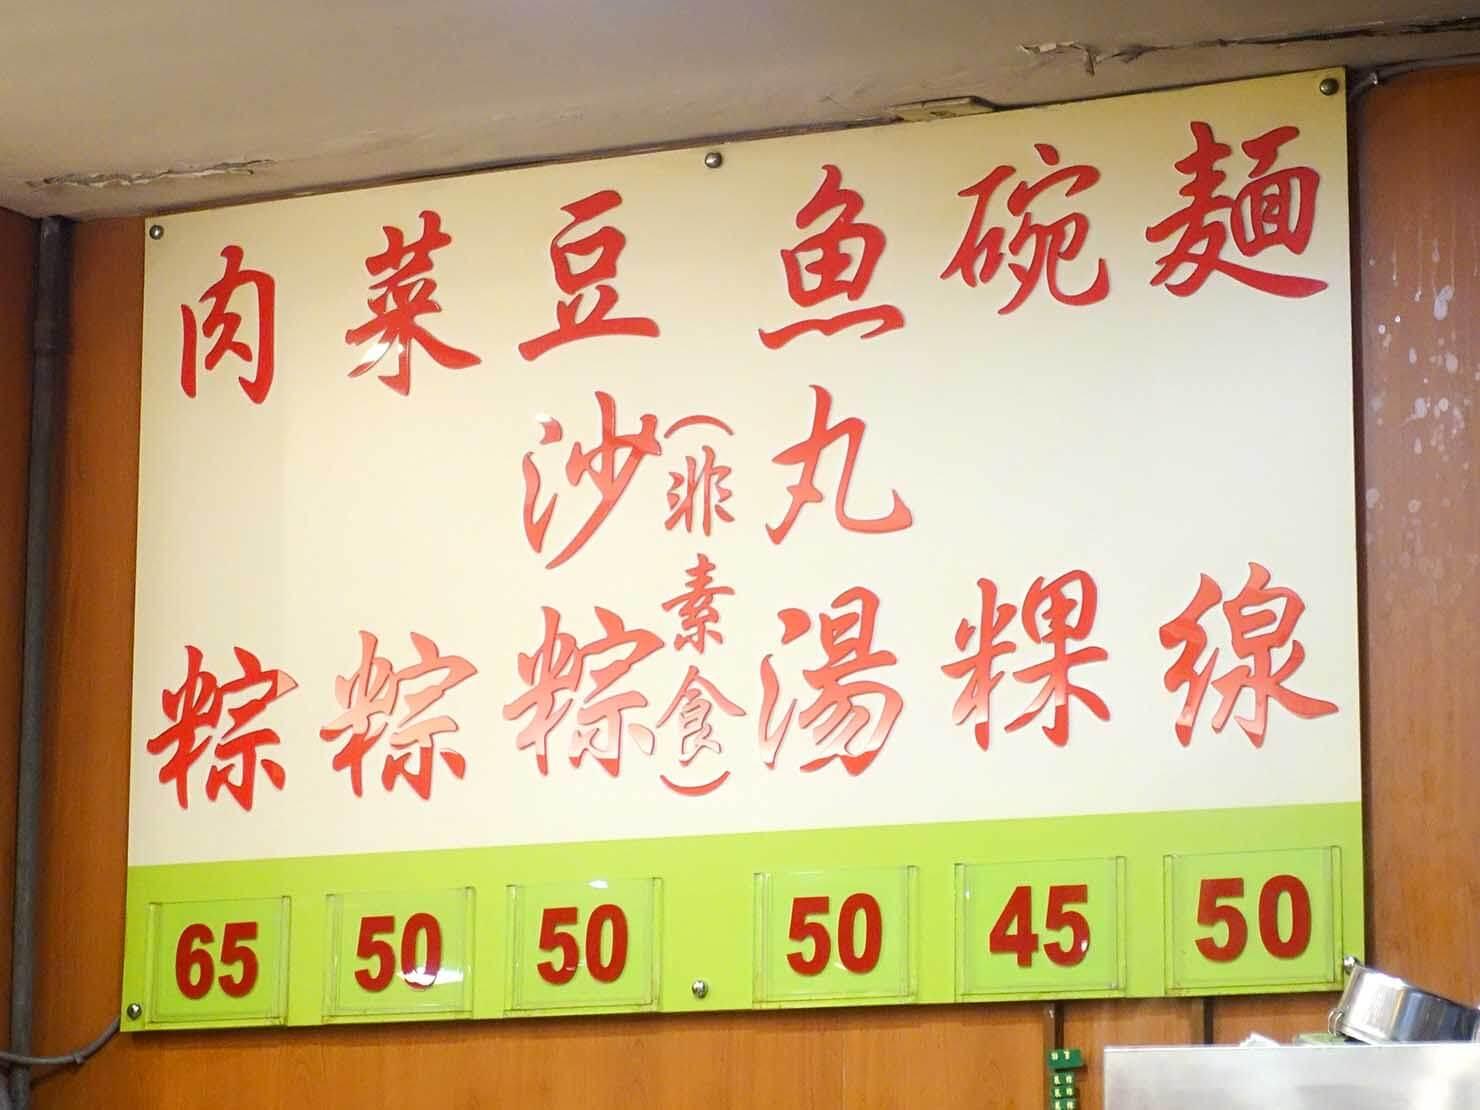 台北・南京復興駅周辺のおすすめグルメ店「王記府城肉粽」のメニュー